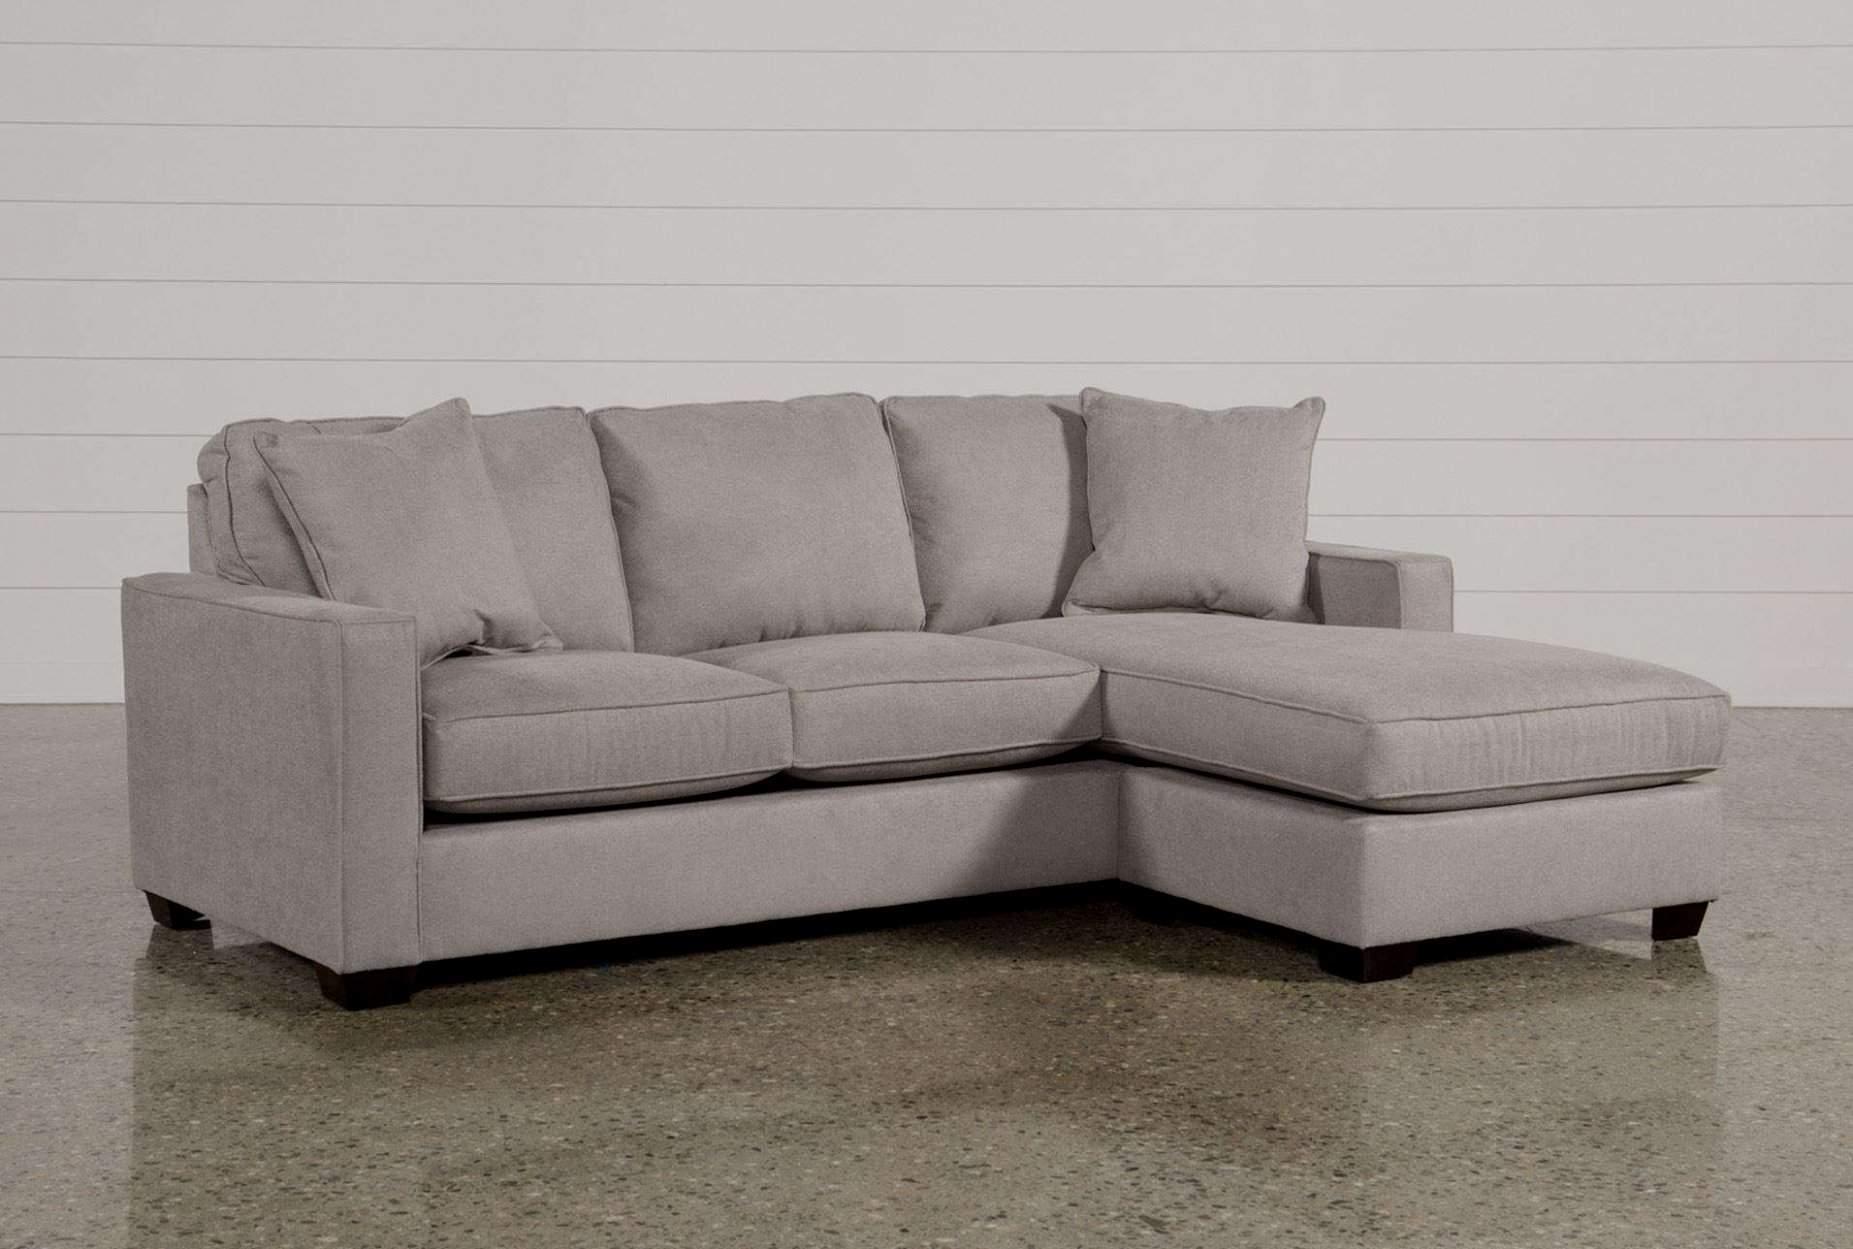 poco wohnzimmer das beste von dimensiones sofa vaste poco garnitur neu schlafcouch ecke of poco wohnzimmer